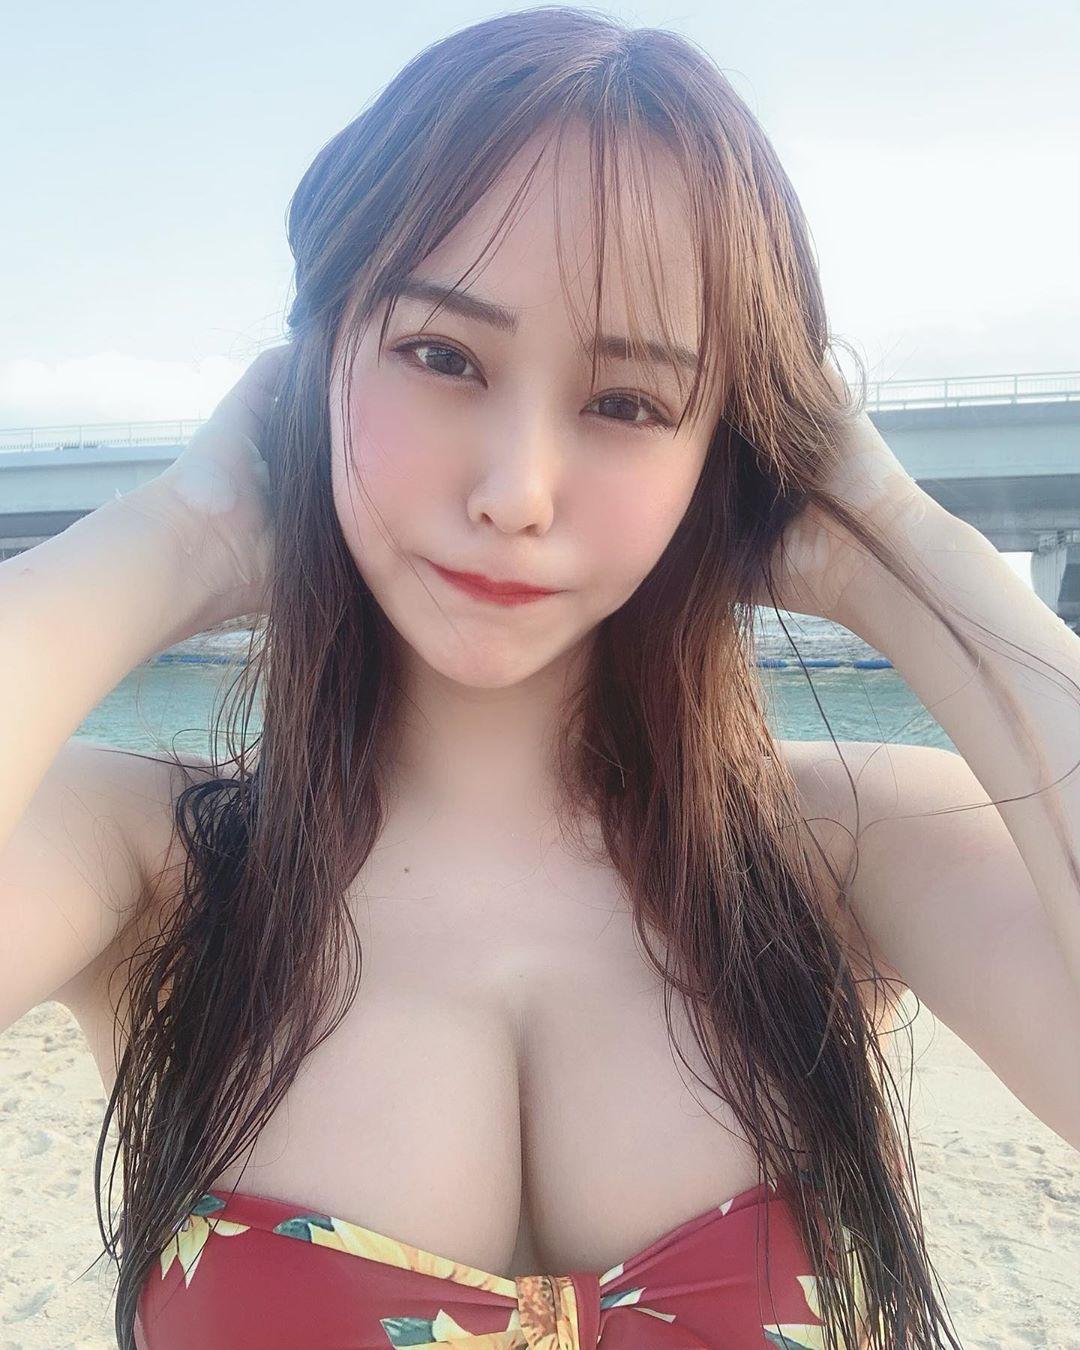 日本樱花妹沙滩比基尼美照 大眼美女居然是酒店小姐 养眼图片 第2张